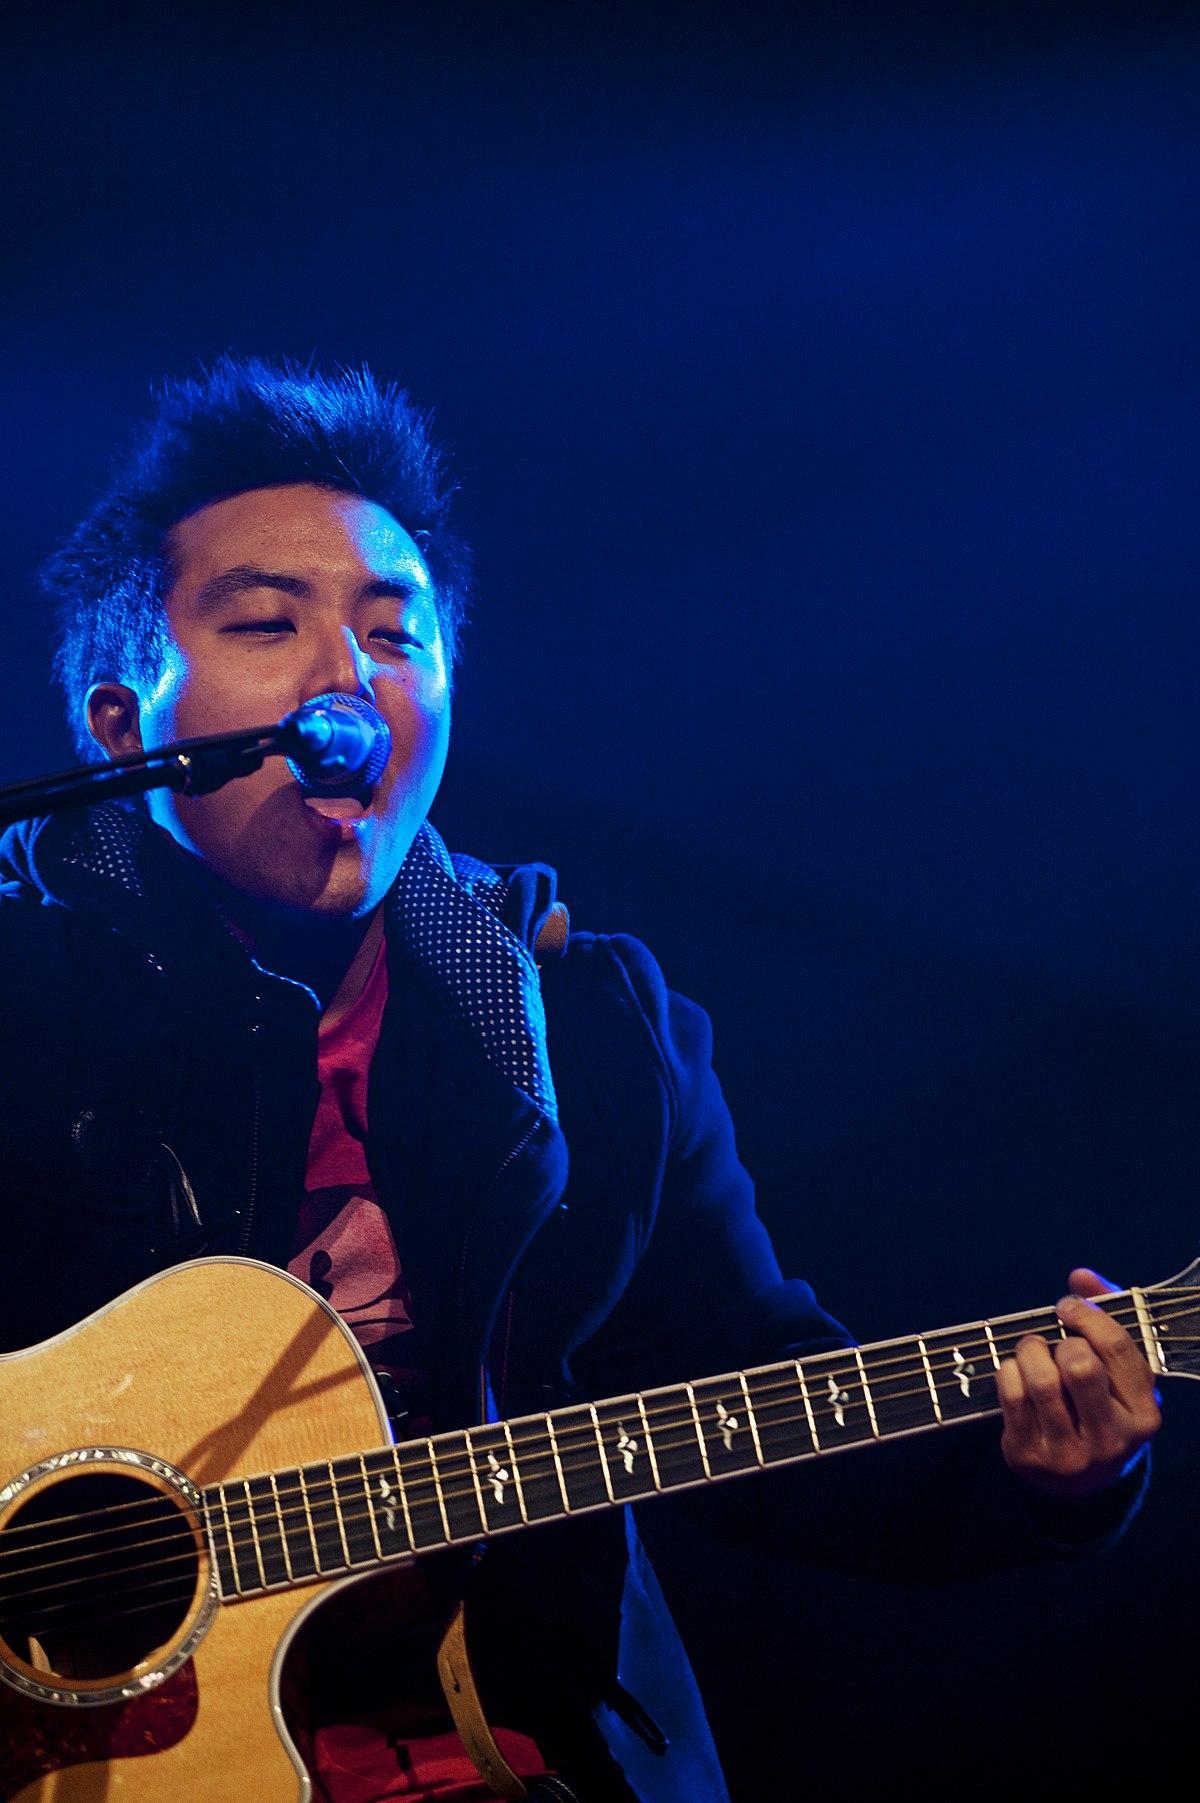 David Choi Wikipedia